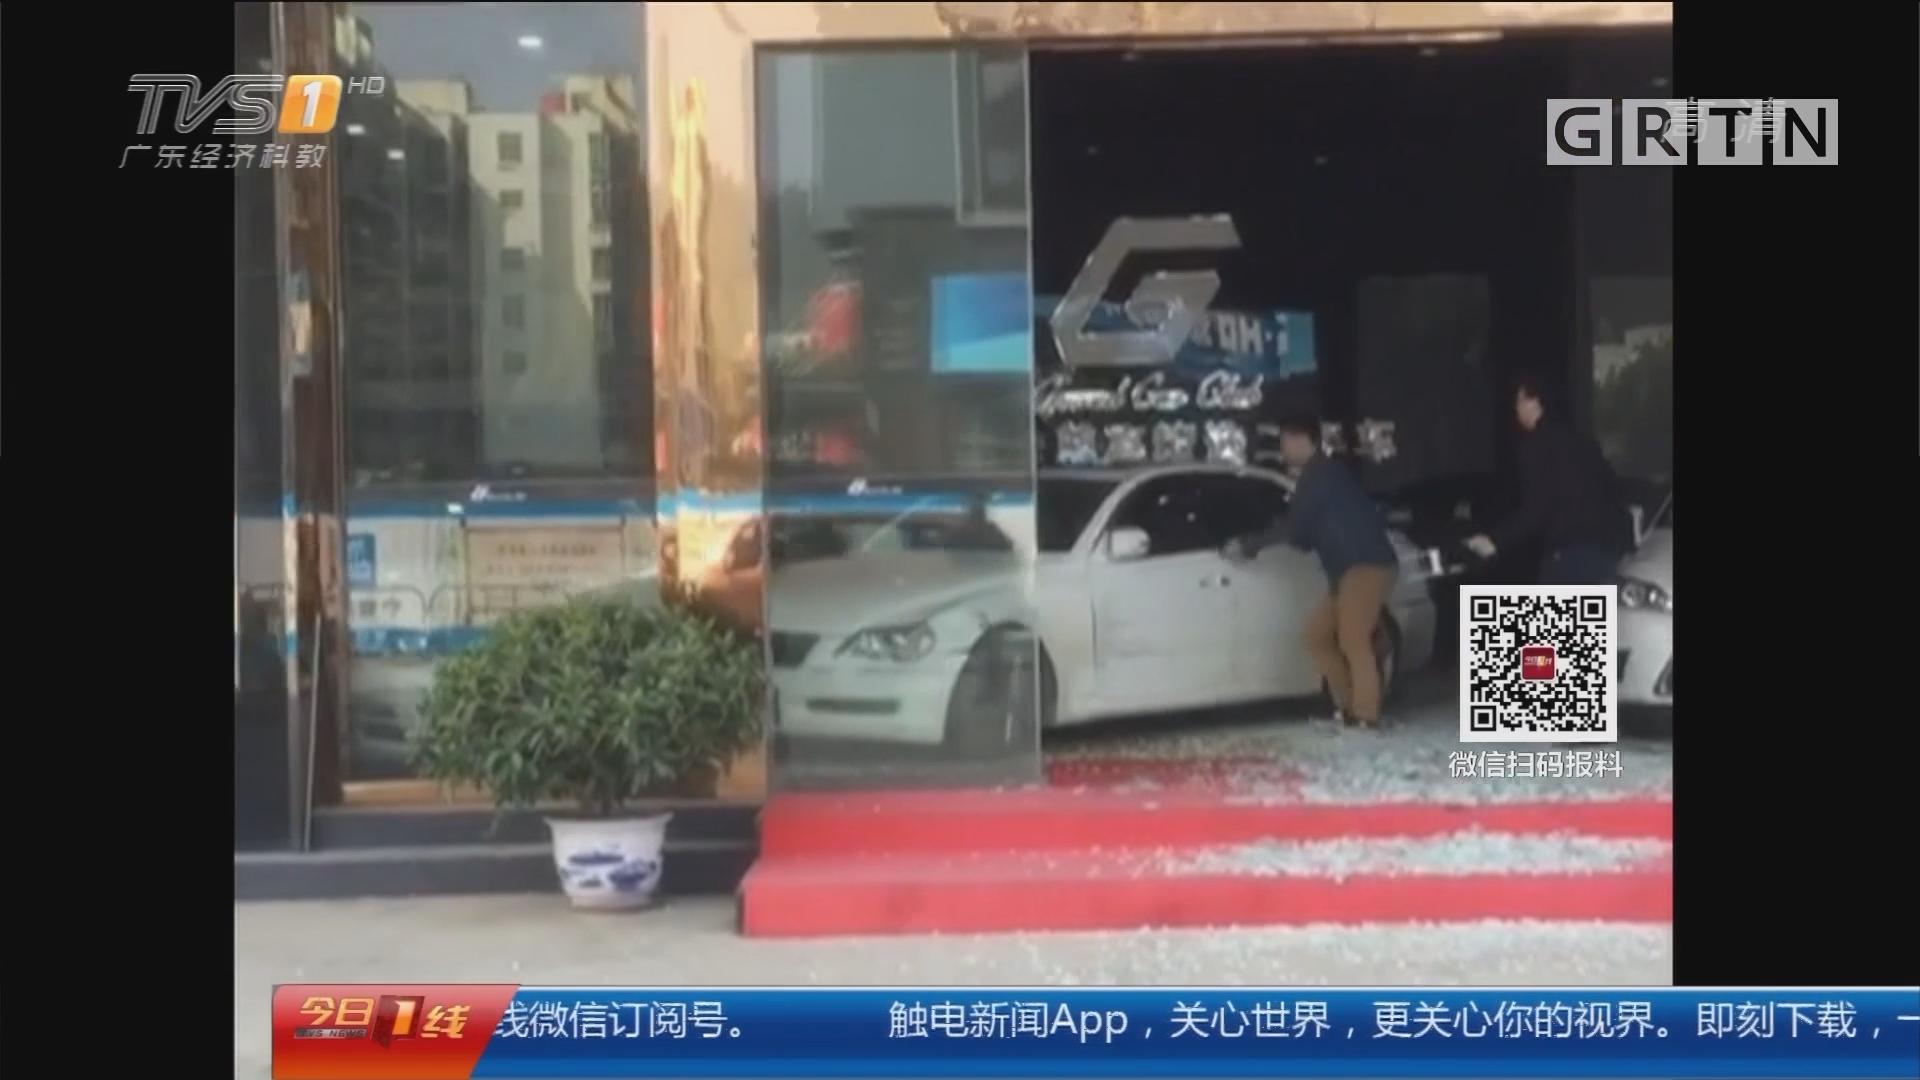 惠州惠城:开车疯狂撞进车行 司机被拘